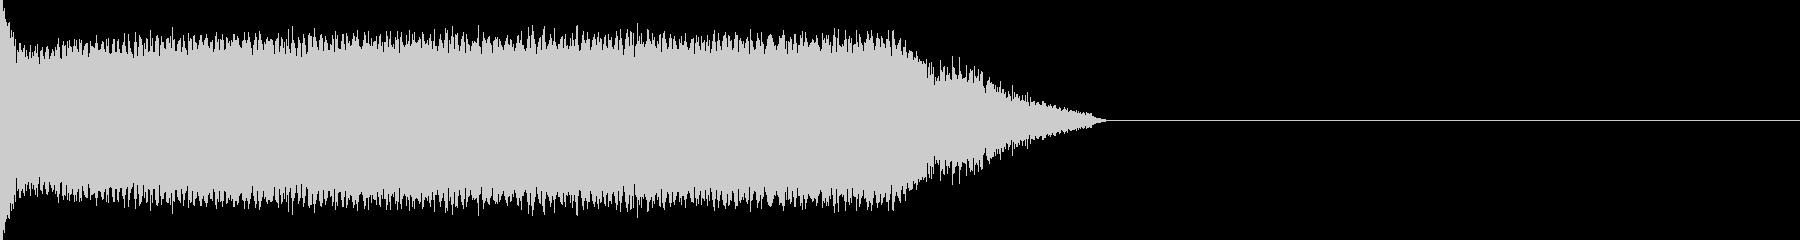 トランスフォーム2の未再生の波形